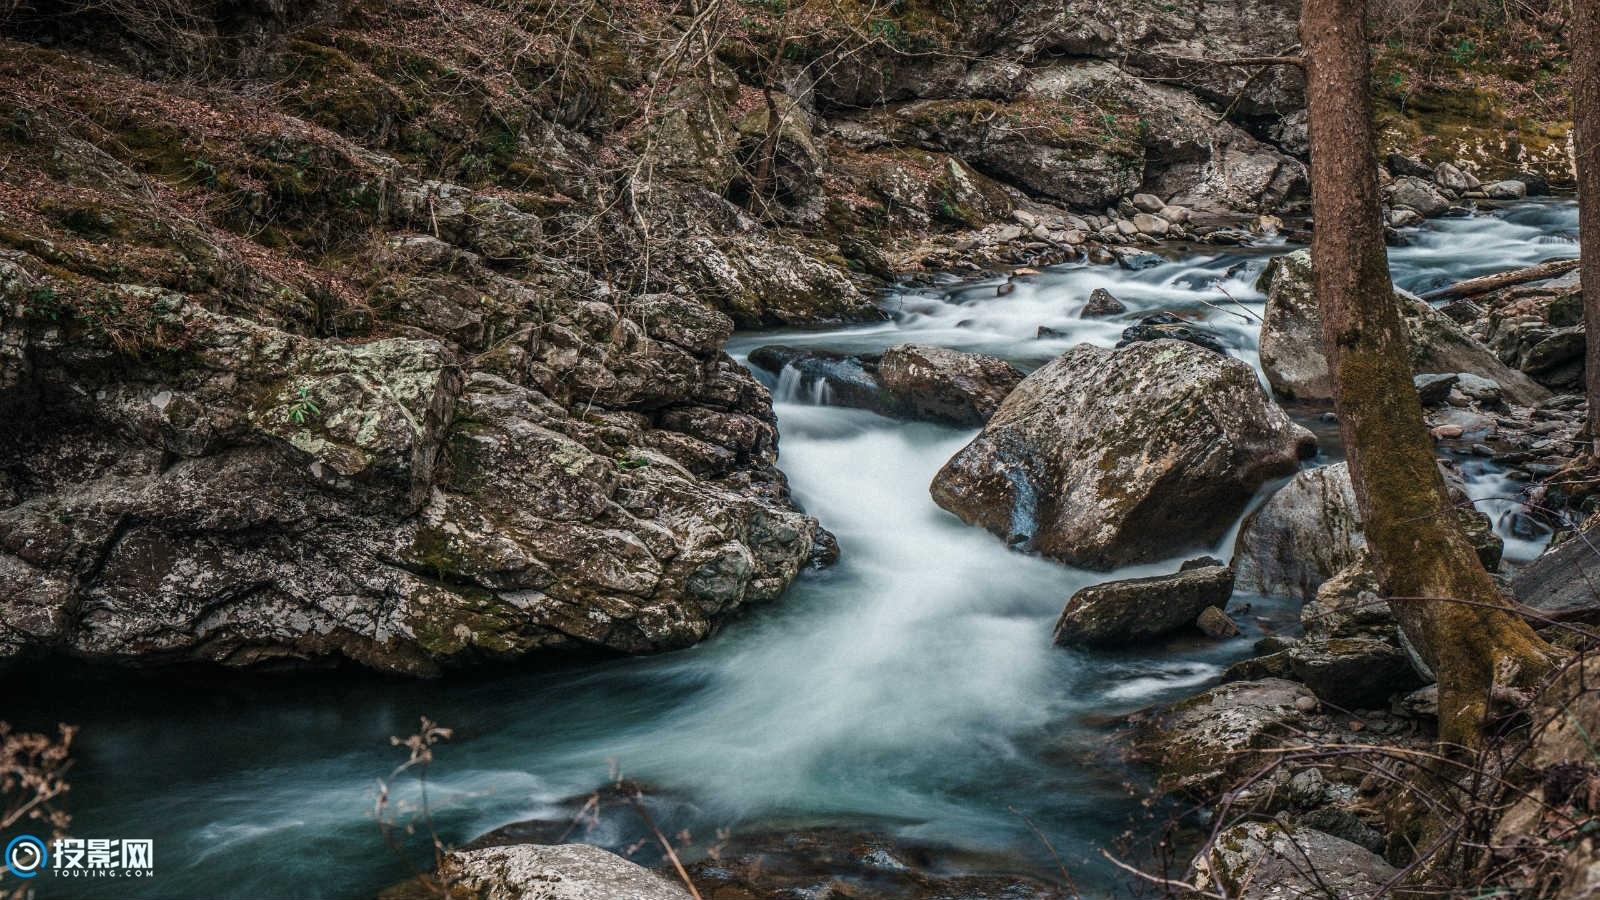 5K 唯美溪流图片壁纸13P [分辨率5120x2880x49.4MB]